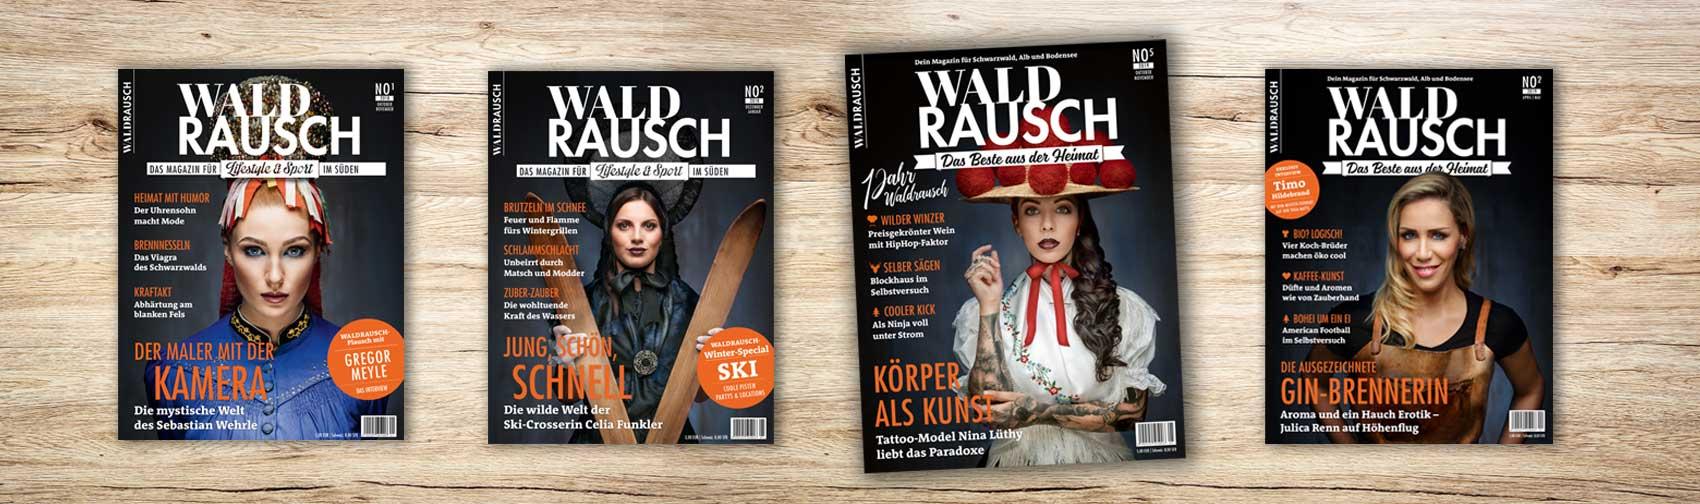 Mehrere Titelseiten des Magazins Waldrausch - Das Beste aus der Heimat